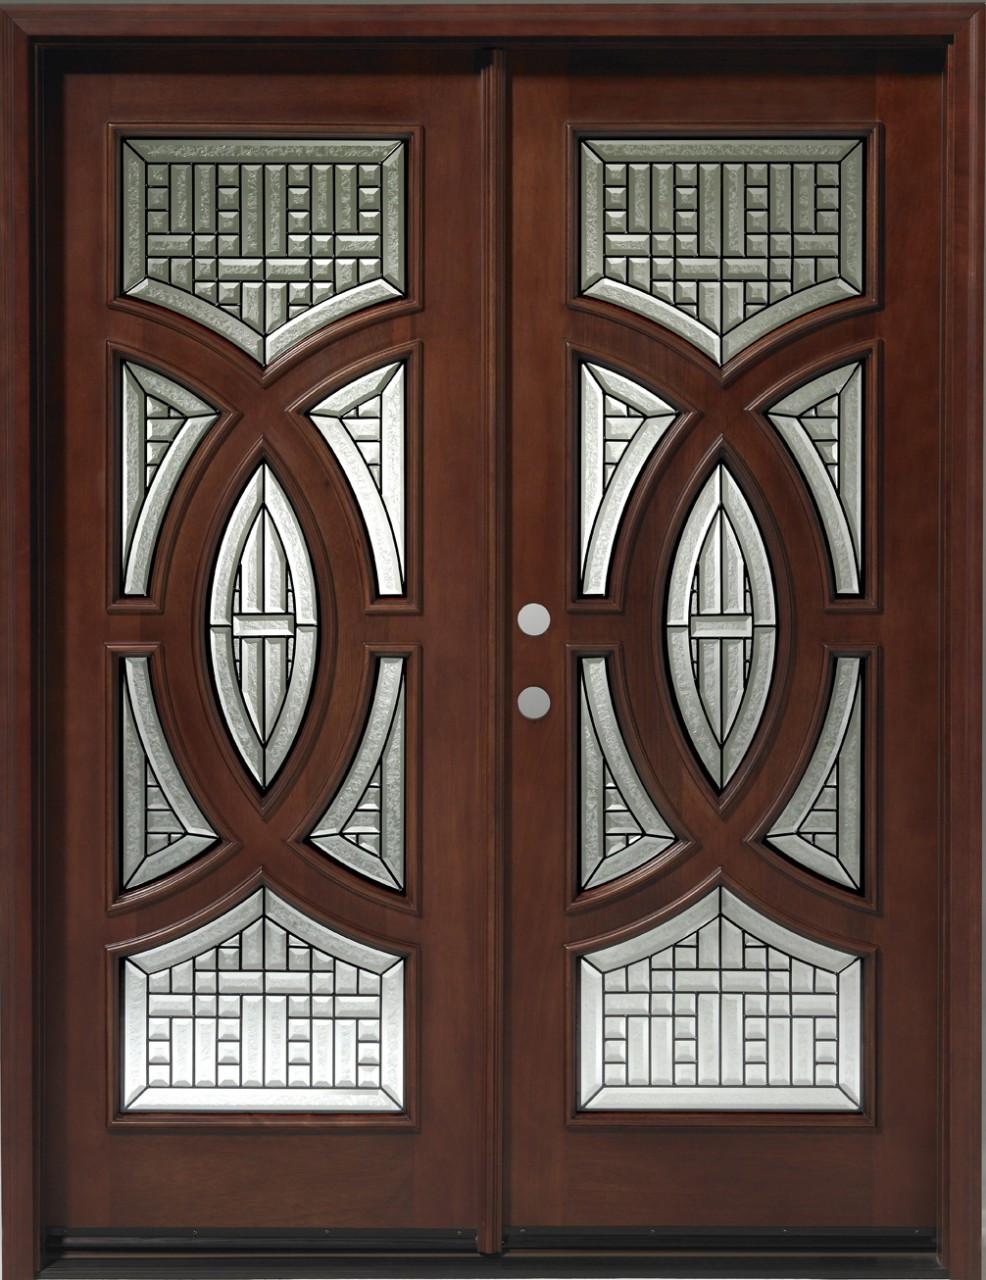 Discount Door Center Prehung And Prefinished Circular Deluxe Double Entry Door